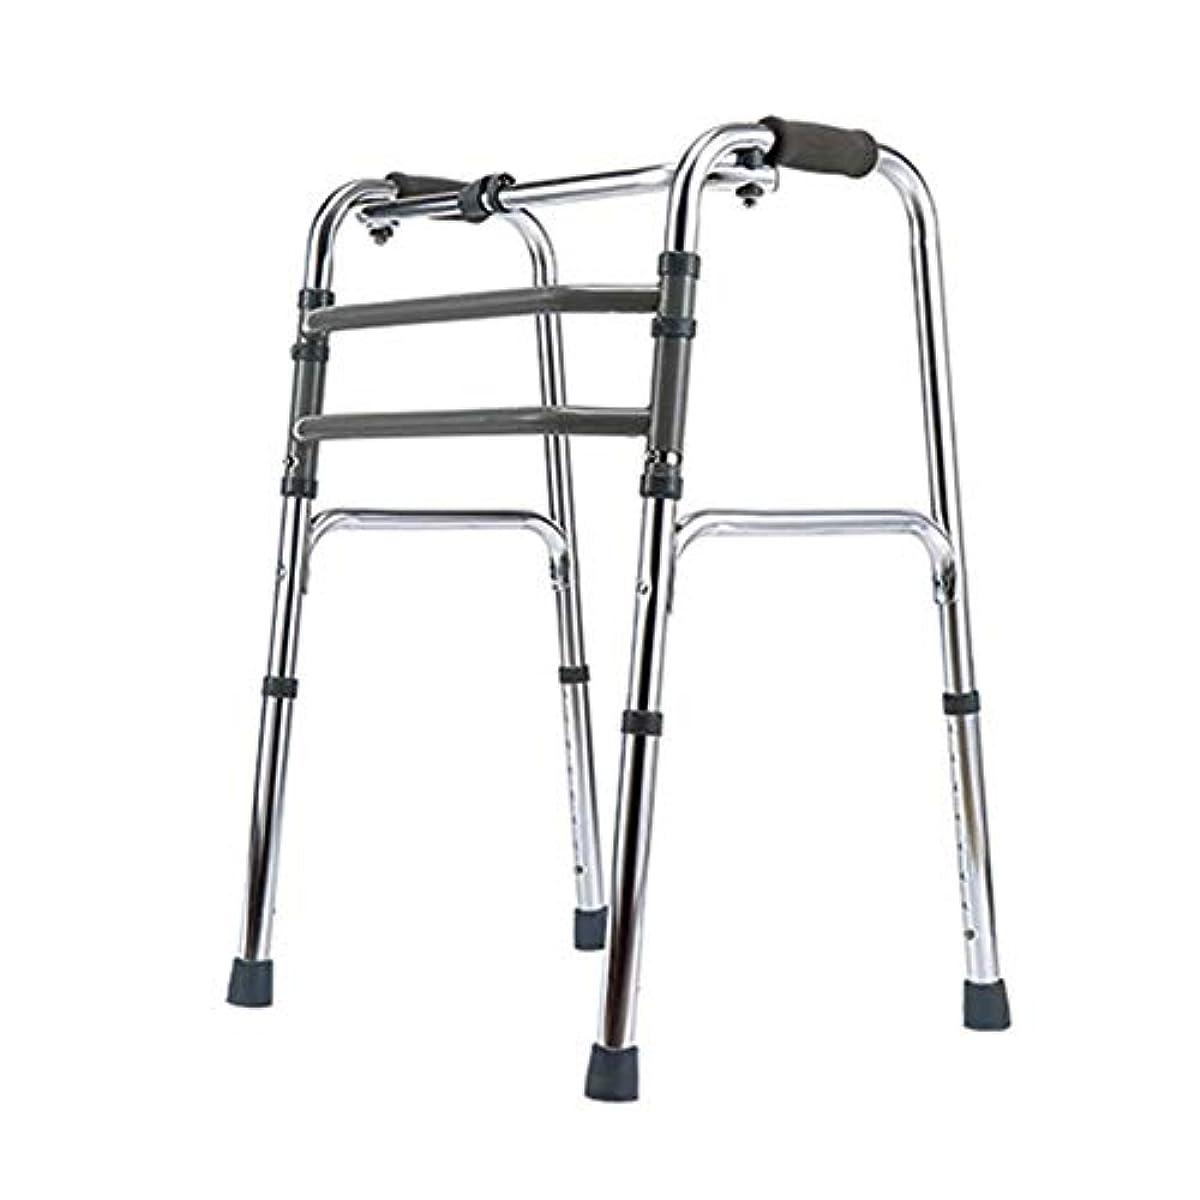 ジャーナリスト訪問バルク折る歩くフレーム、軽量の高さの調節可能な歩行者のアルミニウム歩くフレーム